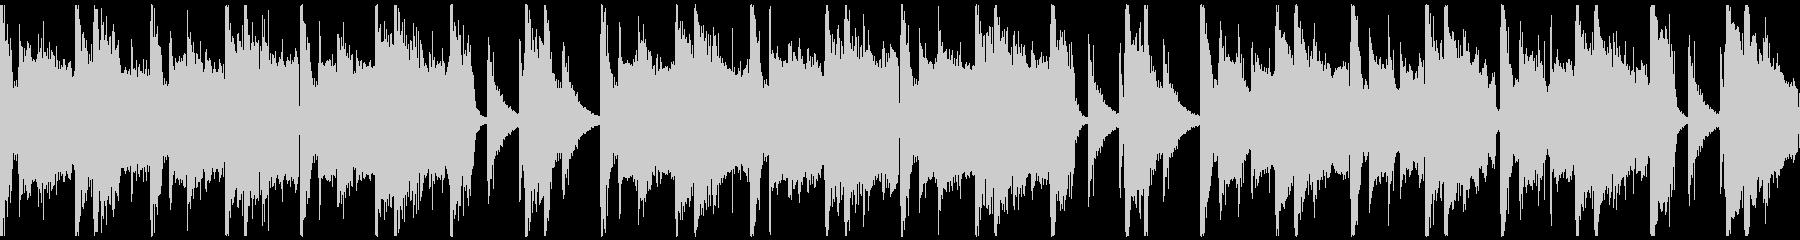 パワフルクラップ&ストンプのロックループの未再生の波形